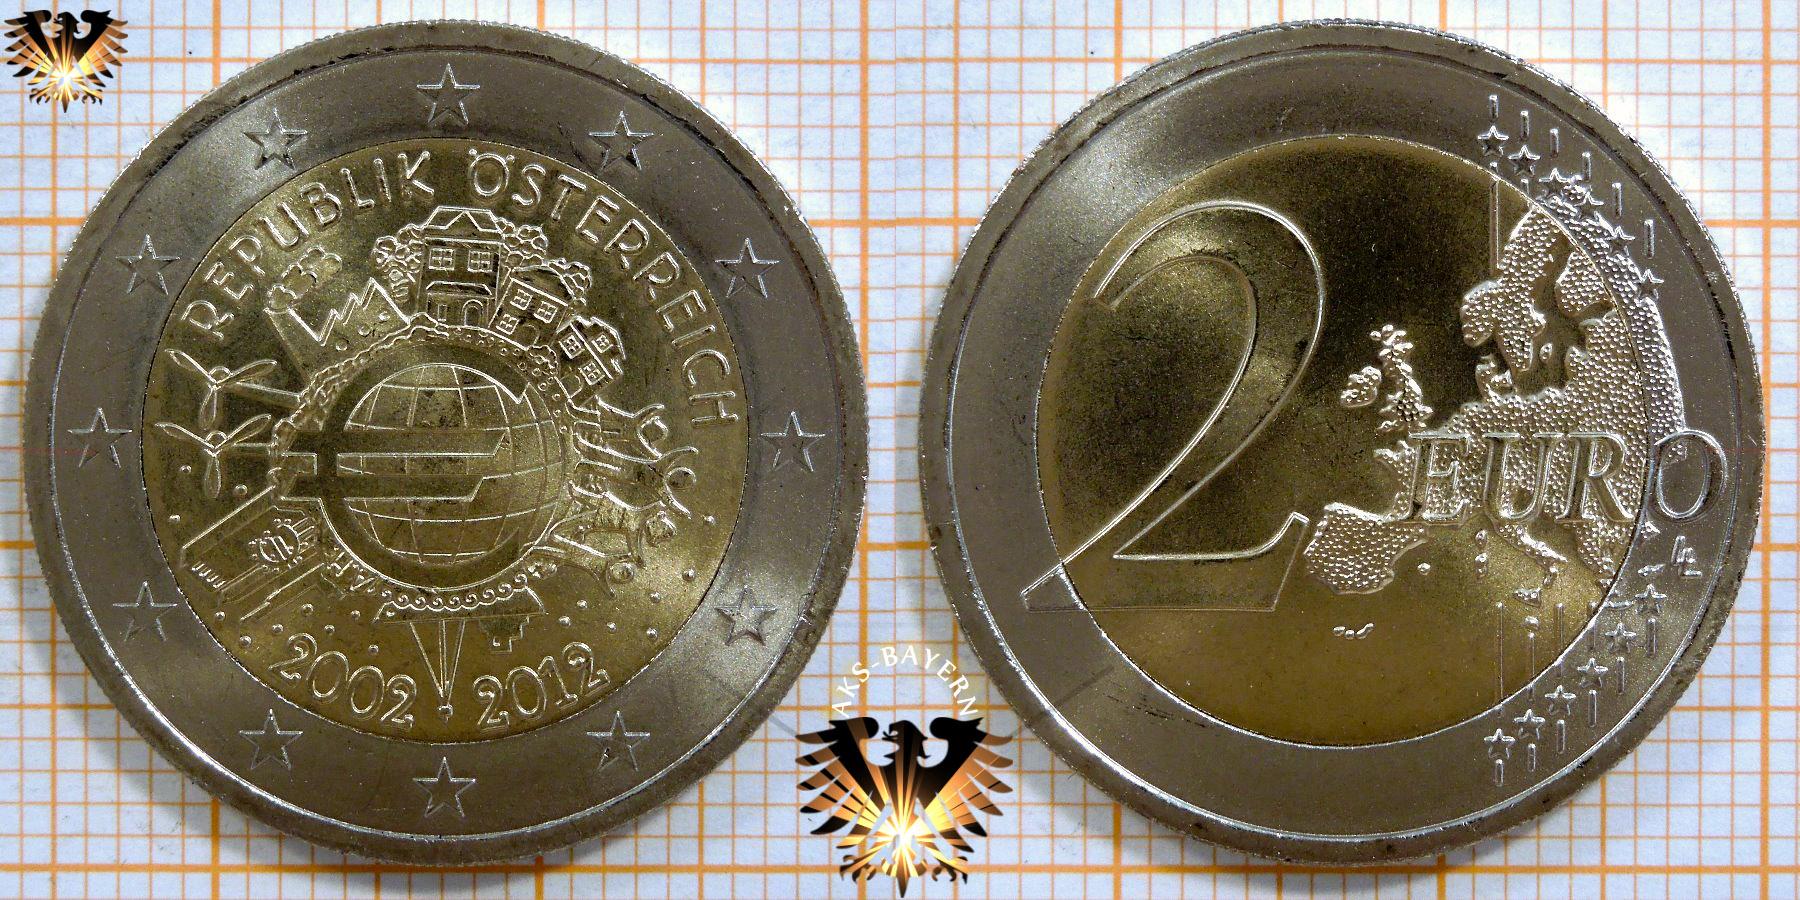 2 Euro österreich 2012 Nominal Sammlermünze 10 Jahre Euro